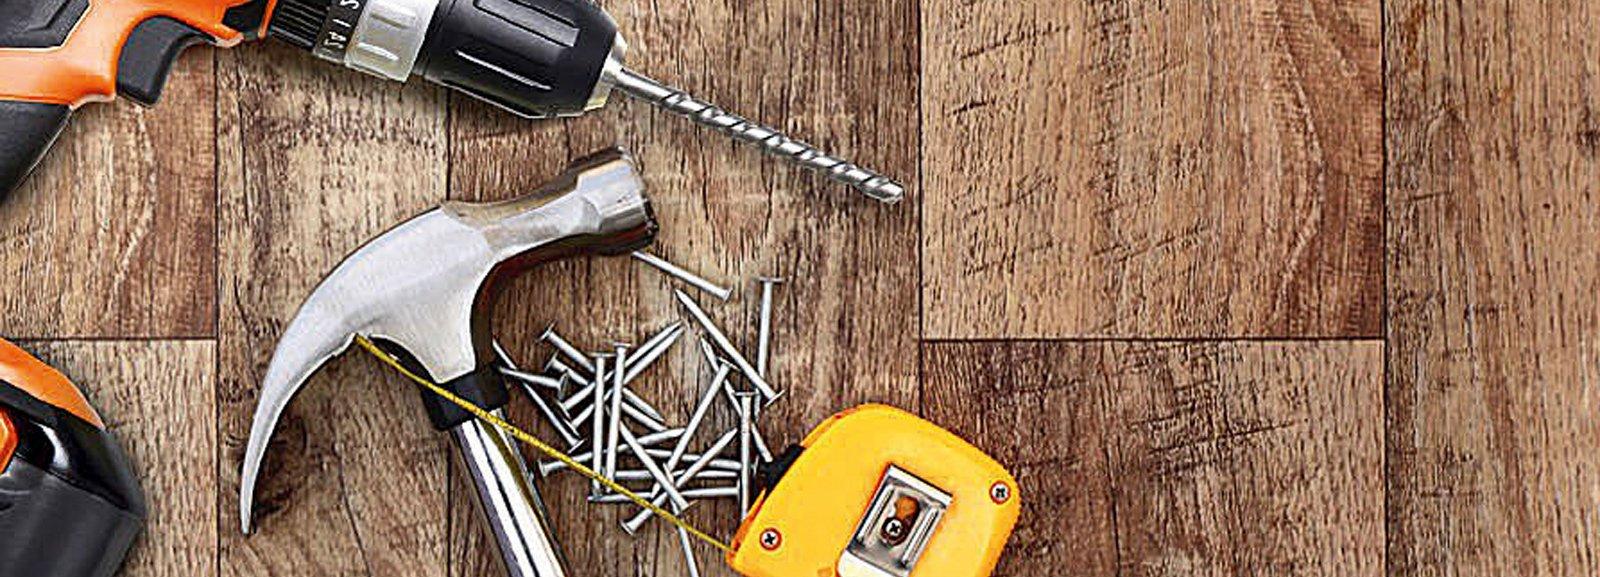 L 39 abc del fai da te che cosa serve prima parte cose di for Costruire casa risparmiando